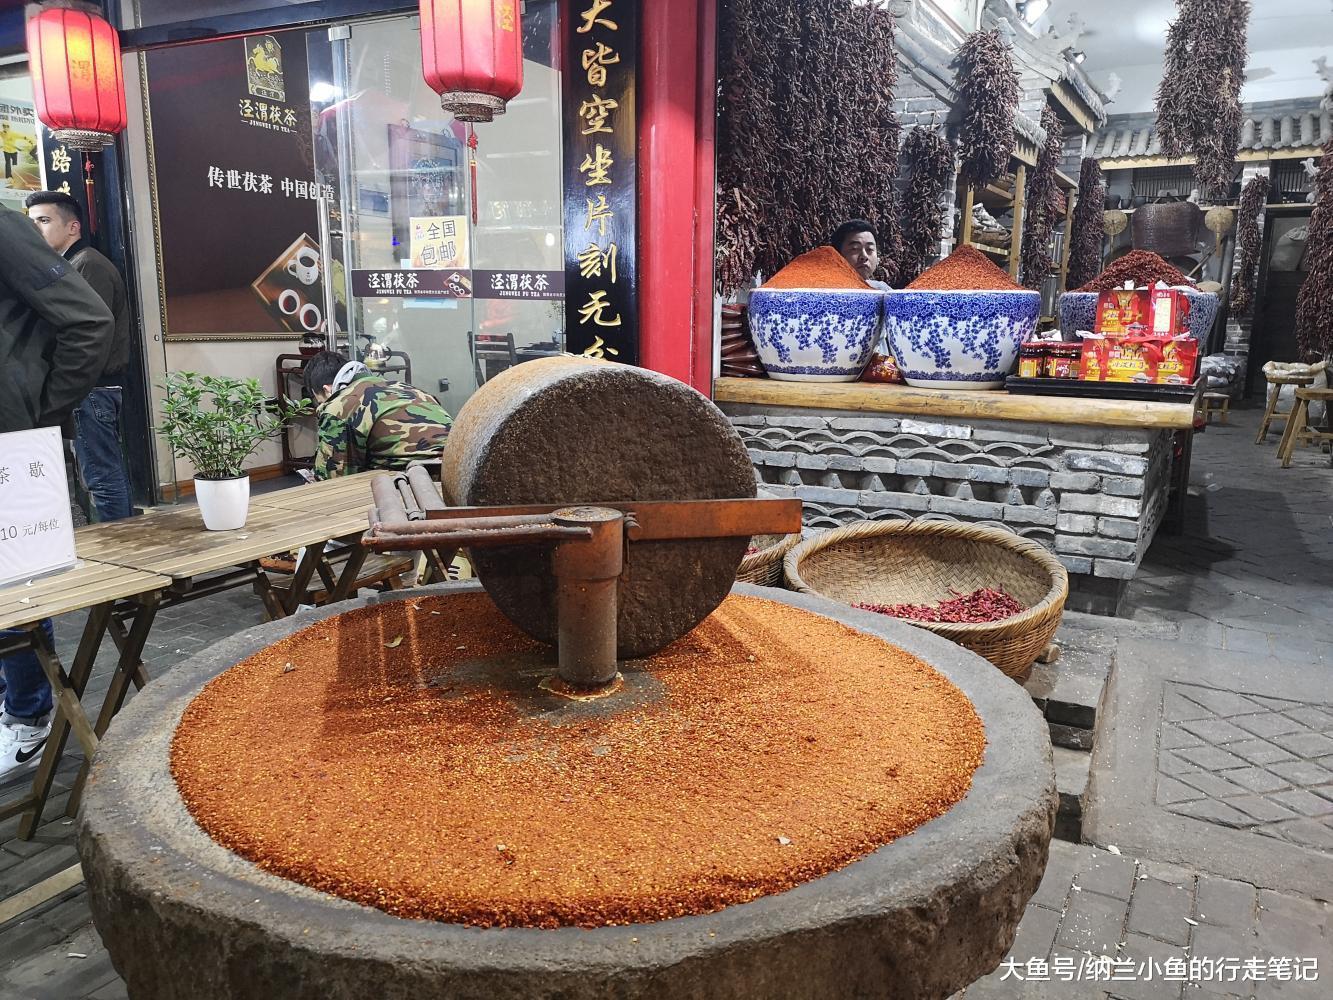 原来陕西人也爱吃美食西安的辣椒都在这里,辣得真过瘾!街十里铺美食图片